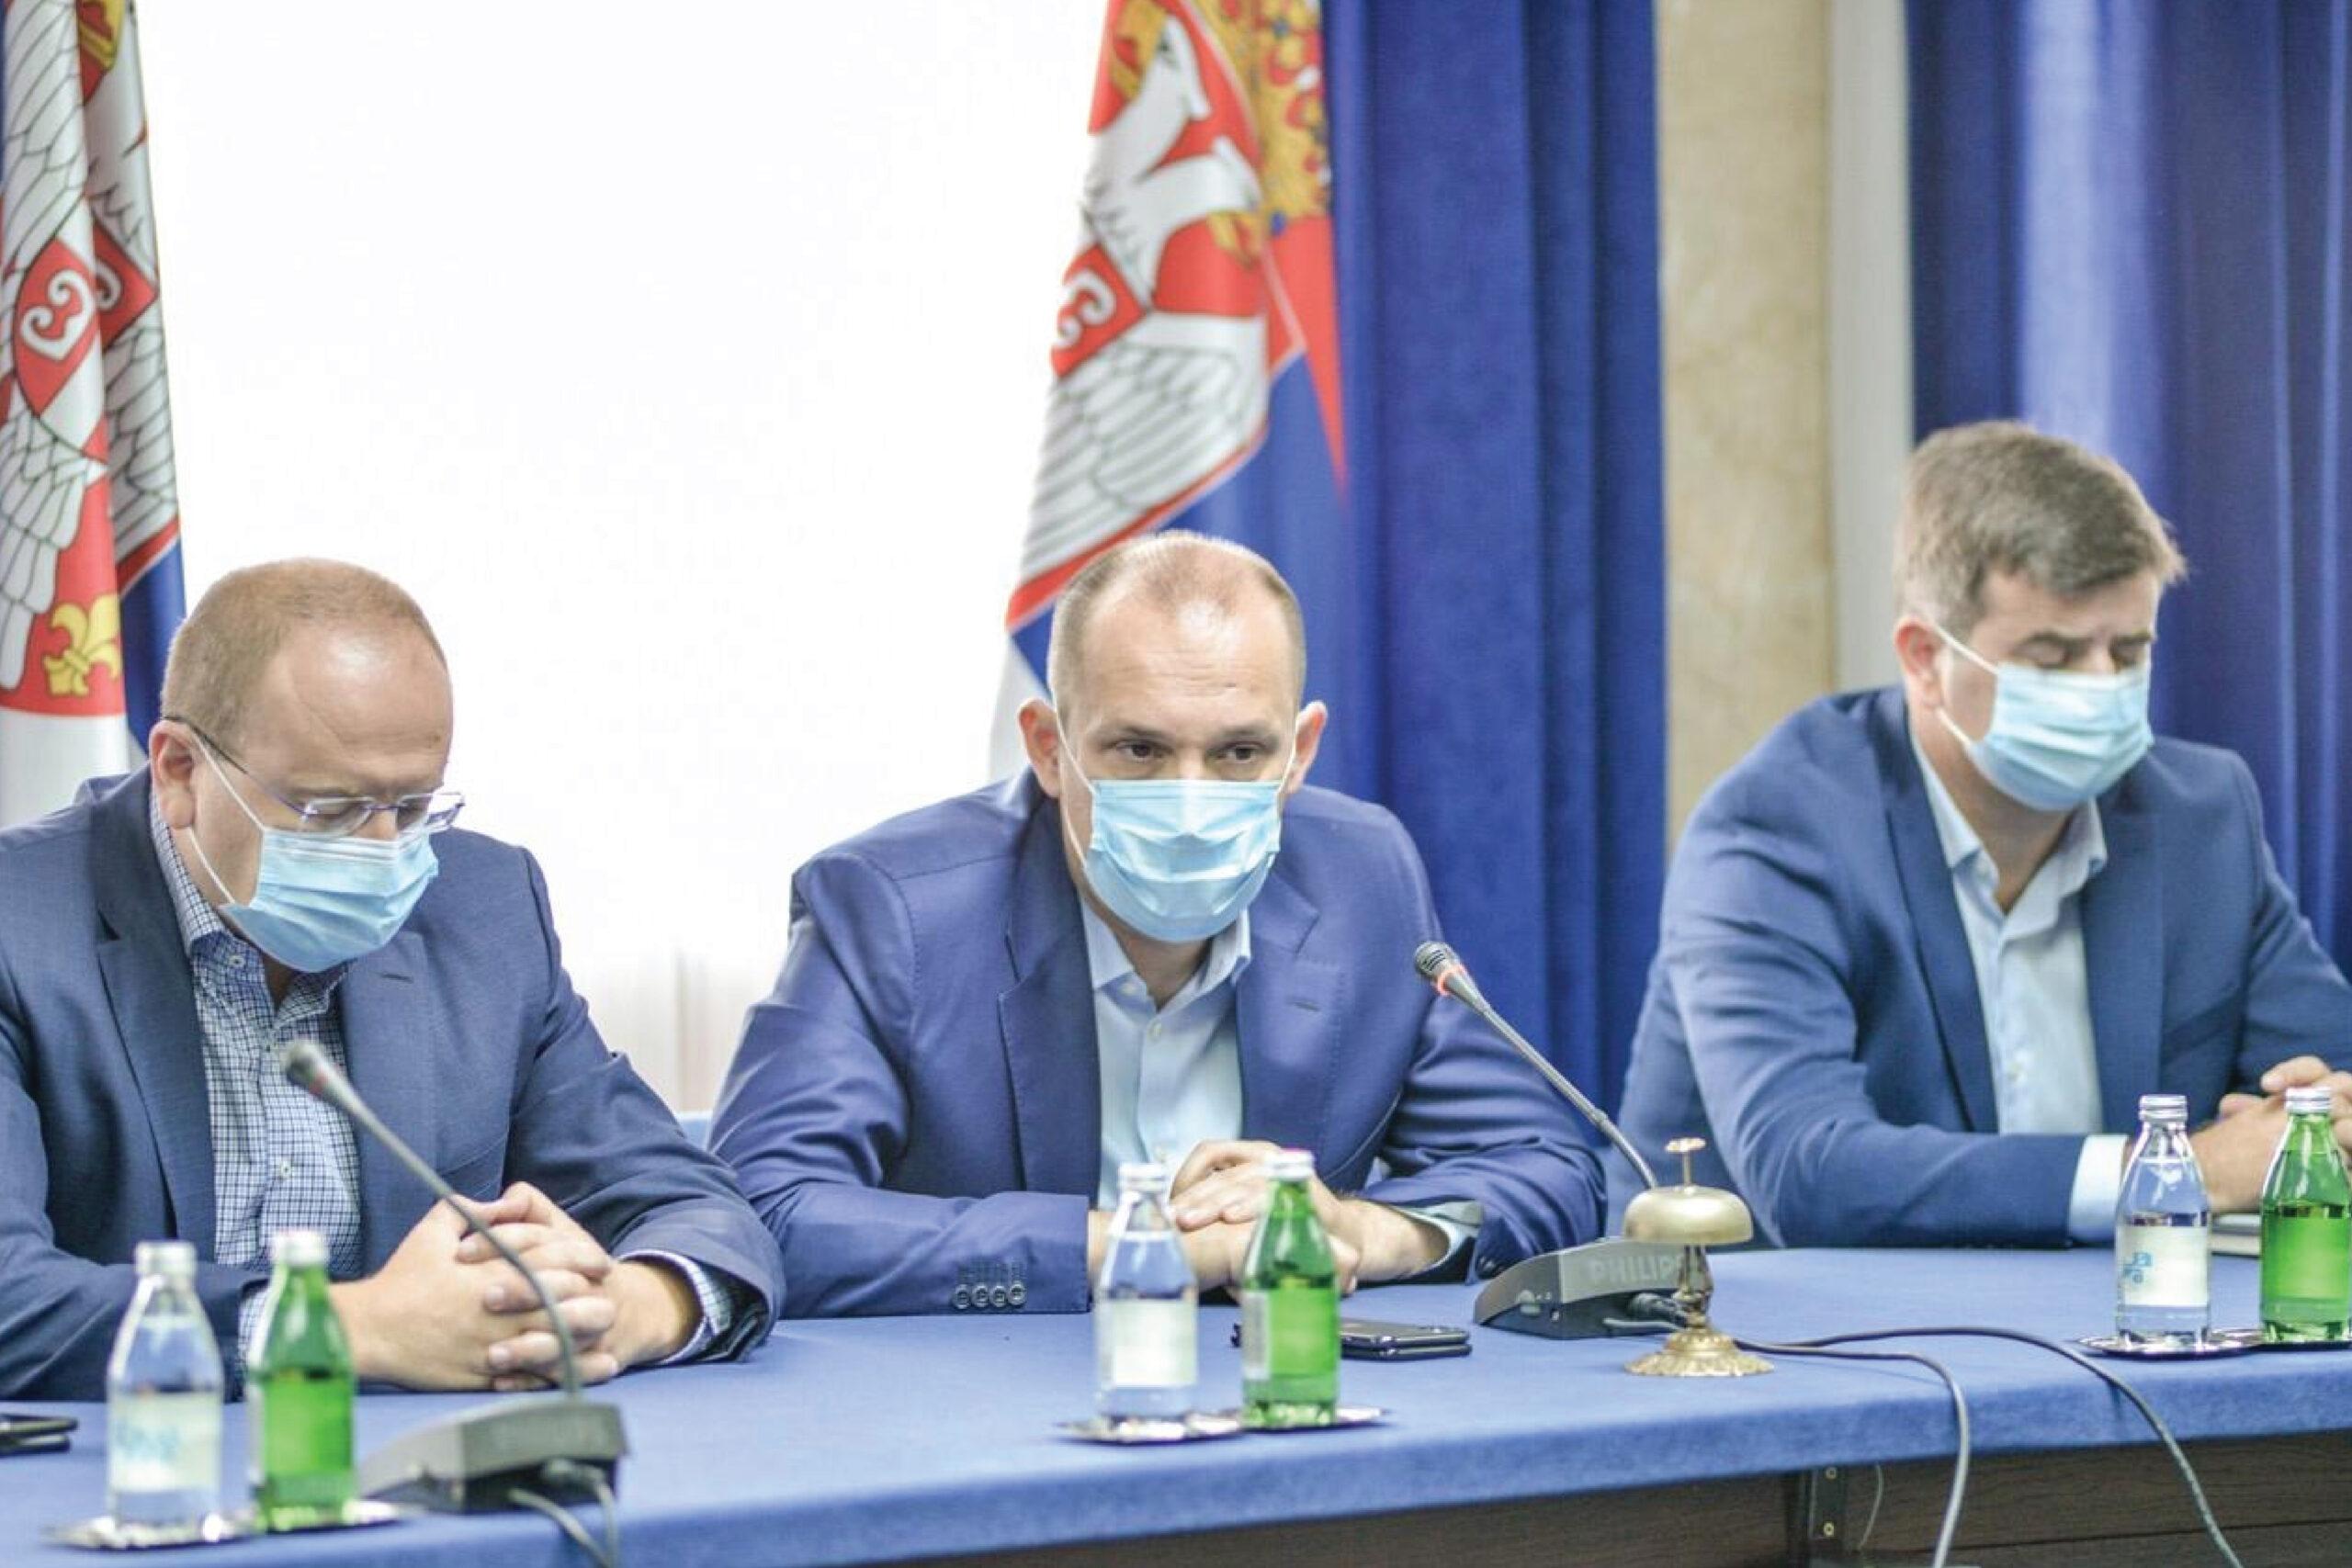 Лончар: Мање пацијената у ковид болницама, али више прегледа